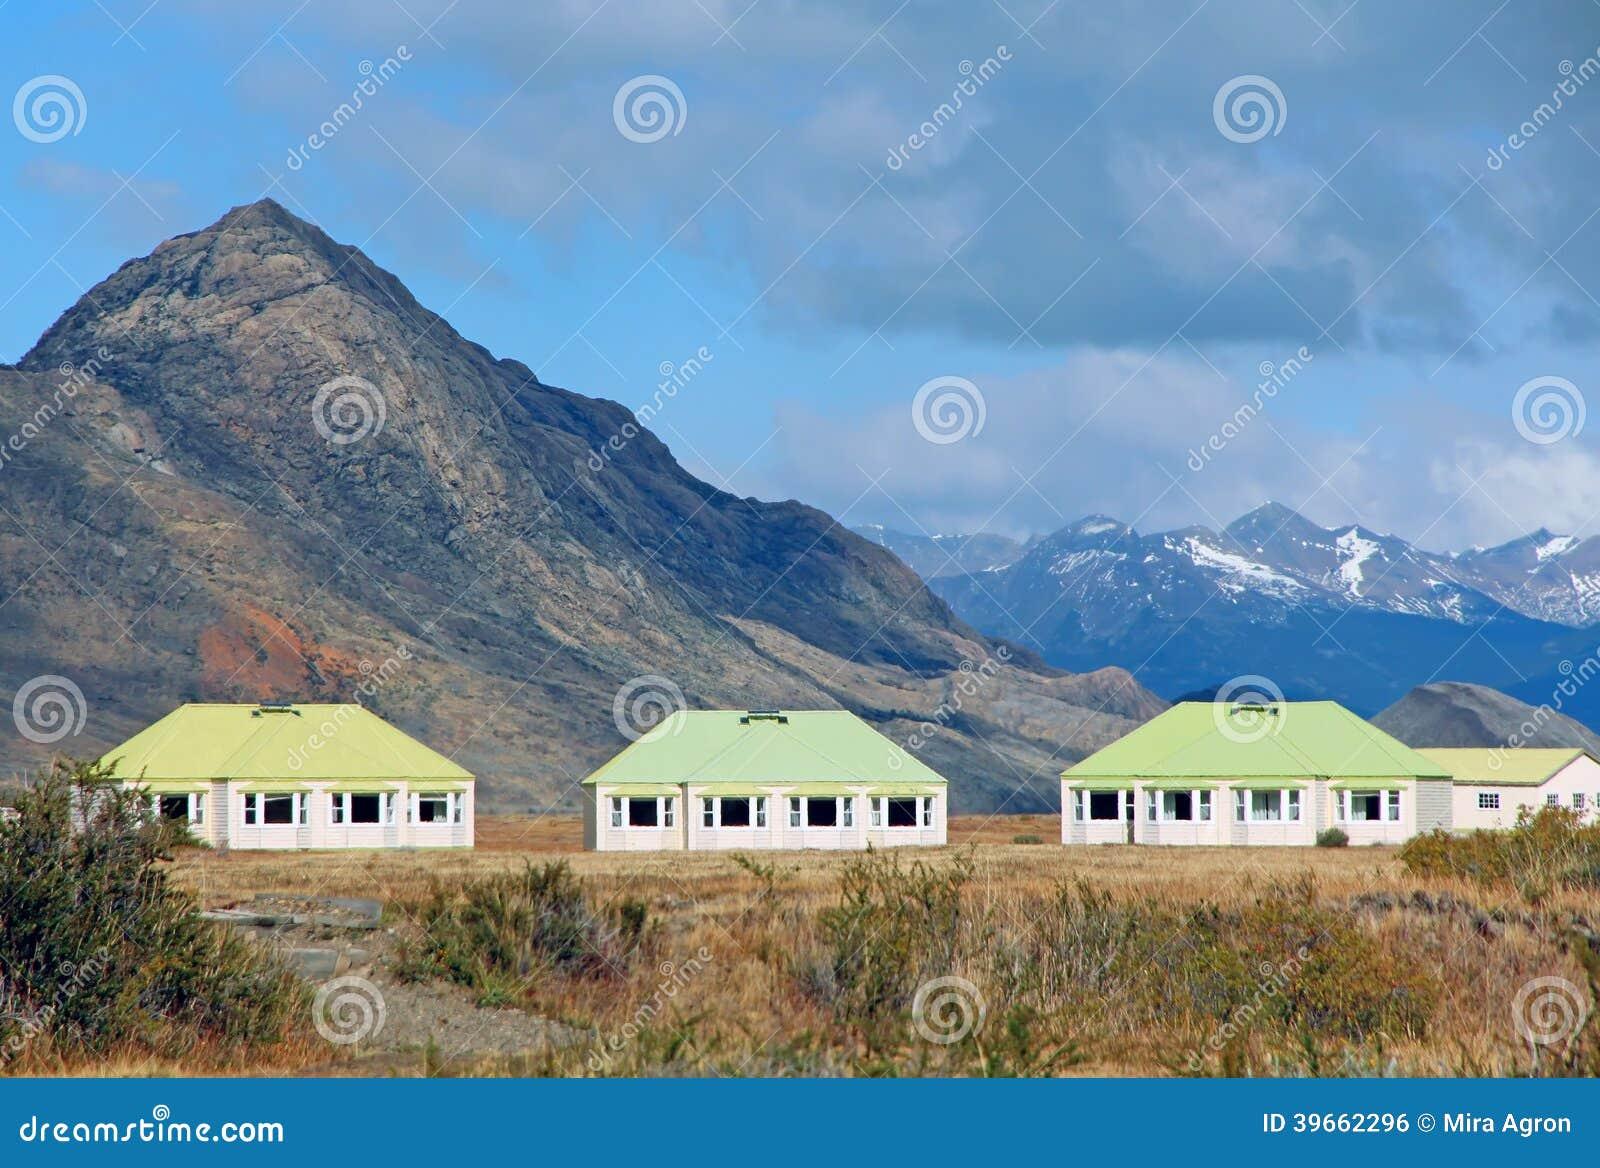 Estancia Cristina Lodge